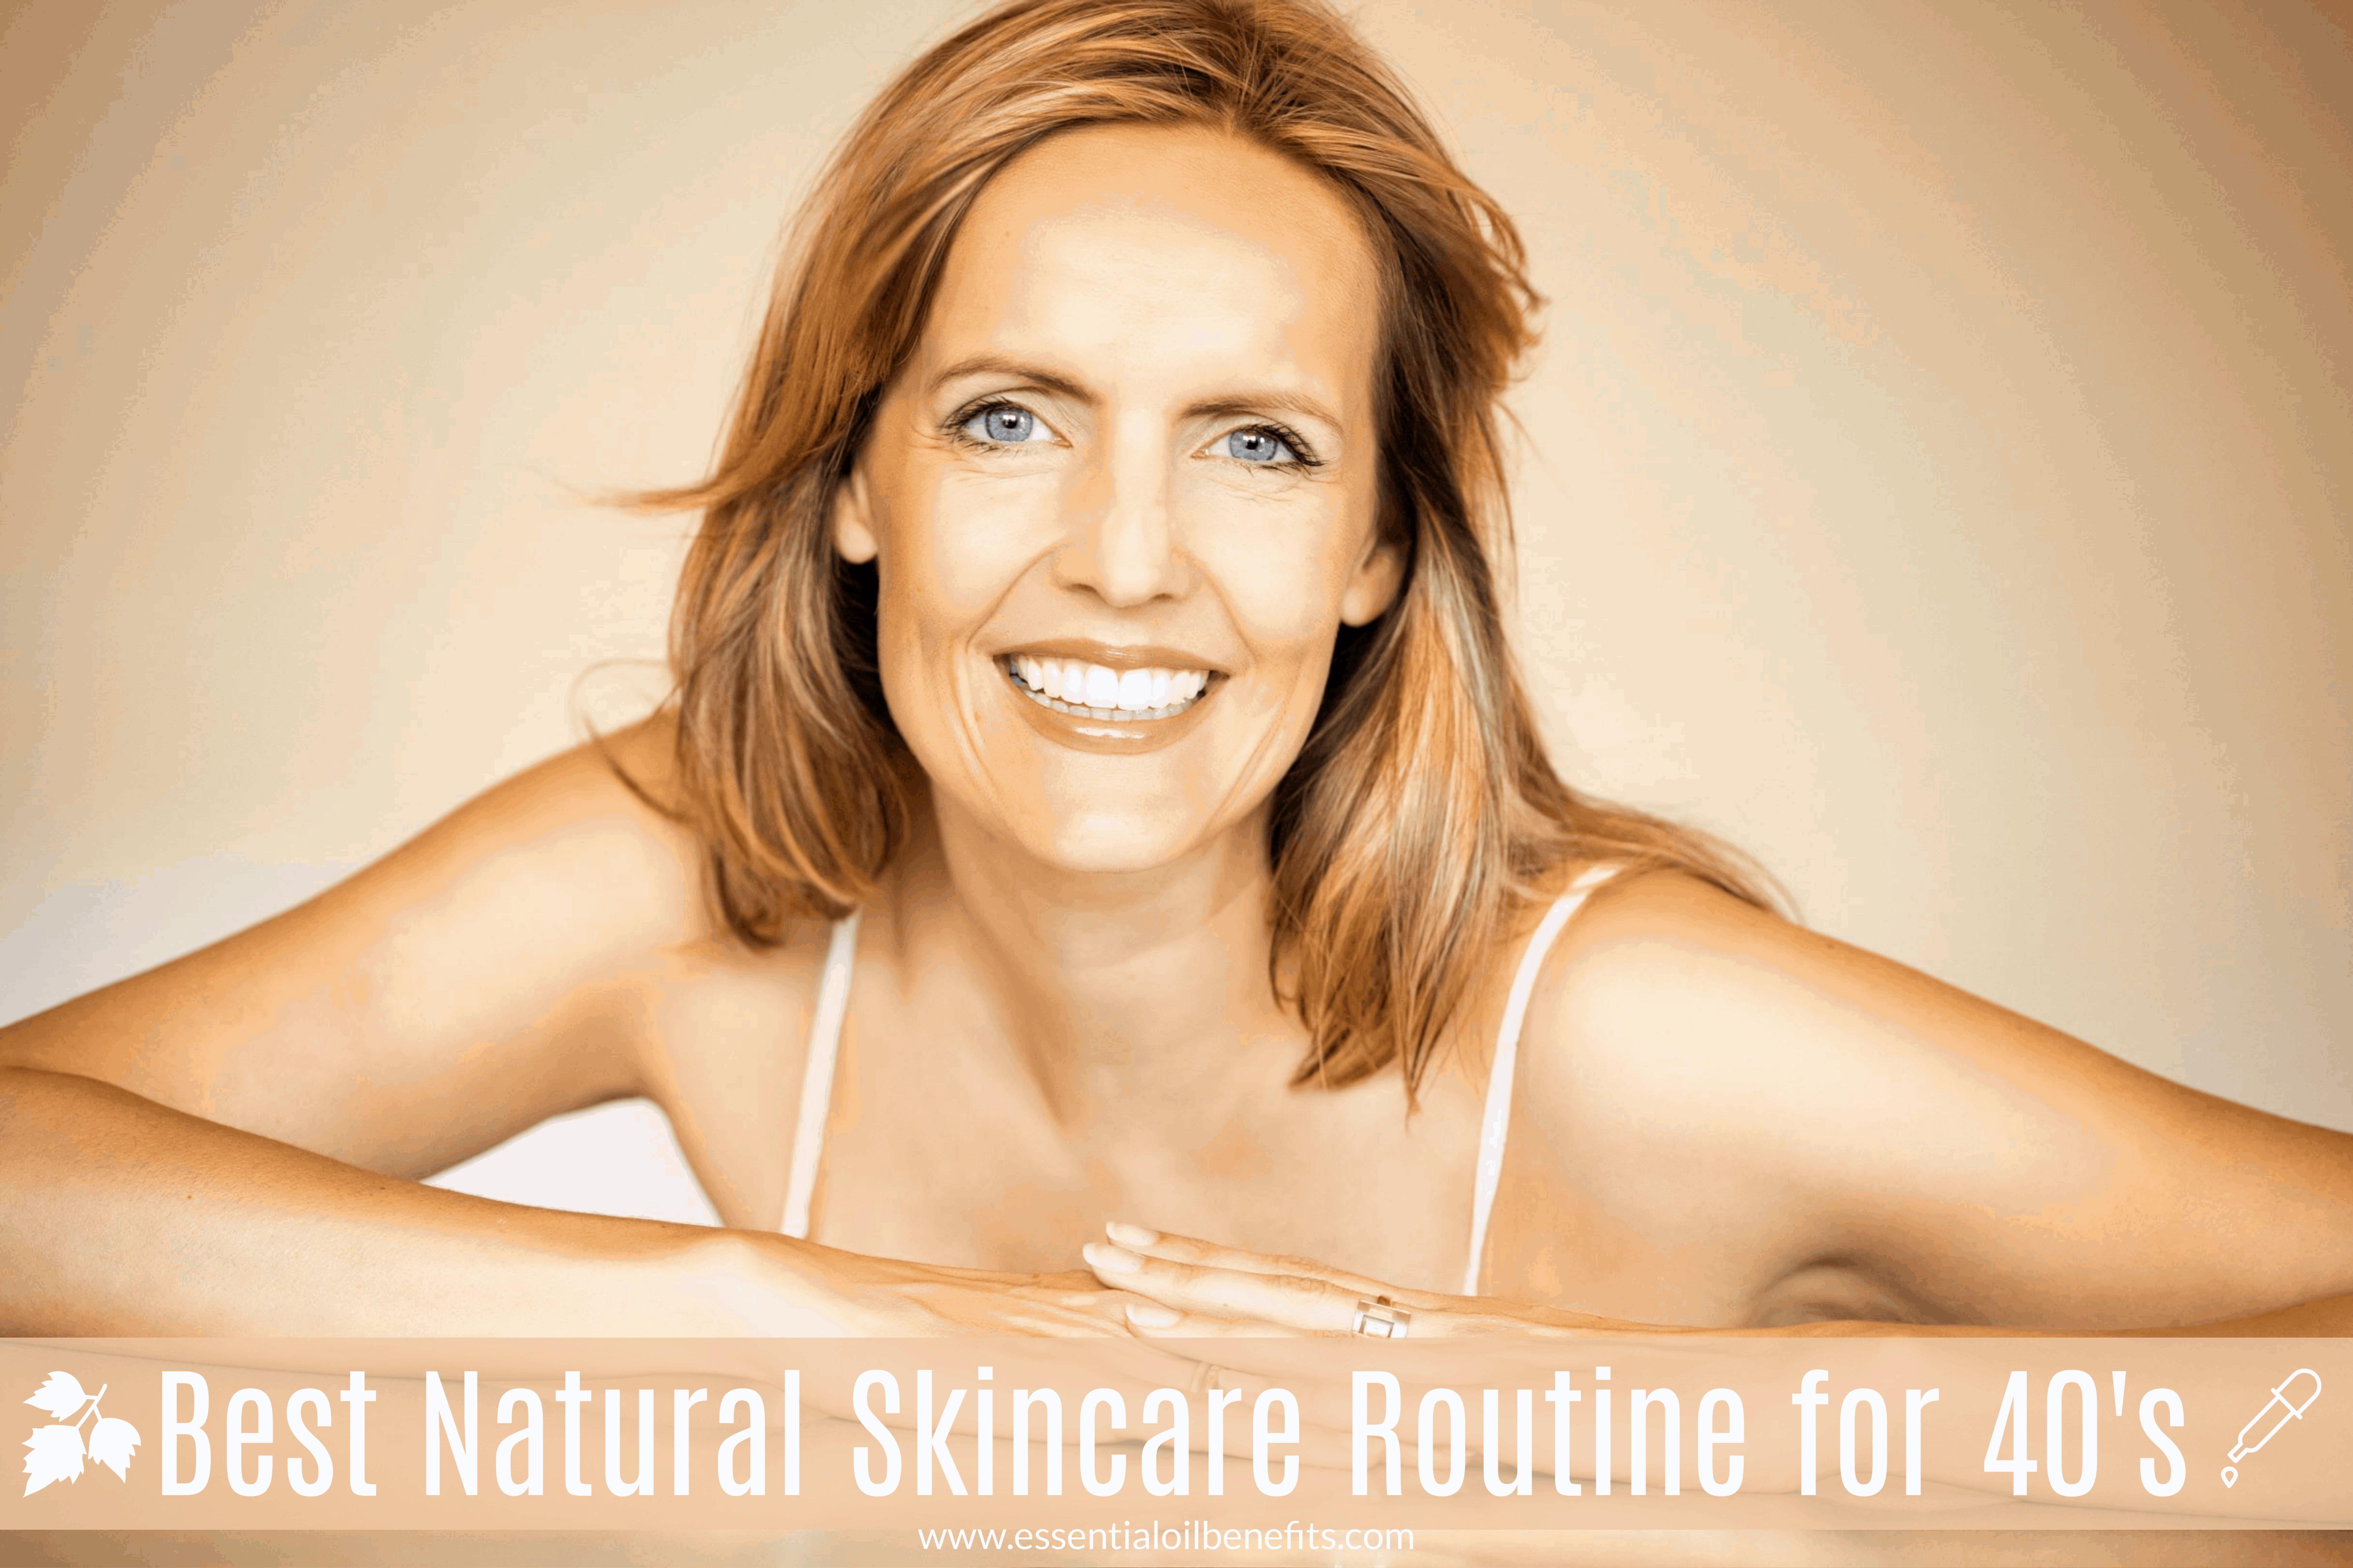 Vous voulez que votre peau de 40 ans paraisse une décennie ou deux plus jeune? Essayez cette routine de soins de la peau pour les quarante ans! |